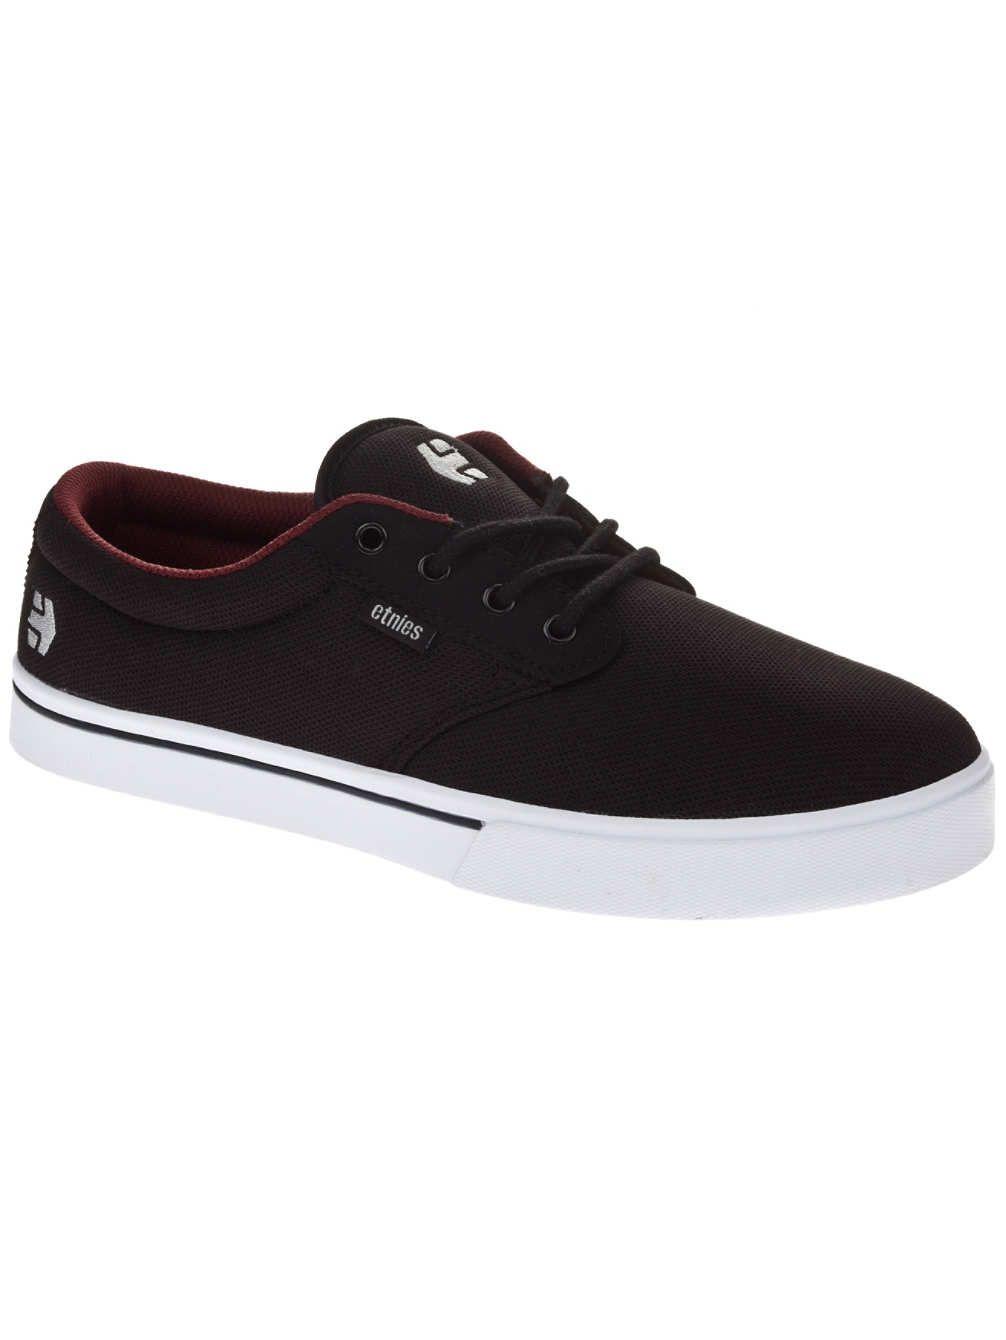 Etnies Jameson 2 Eco Skate Shoes online kaufen bei blue-tomato.com